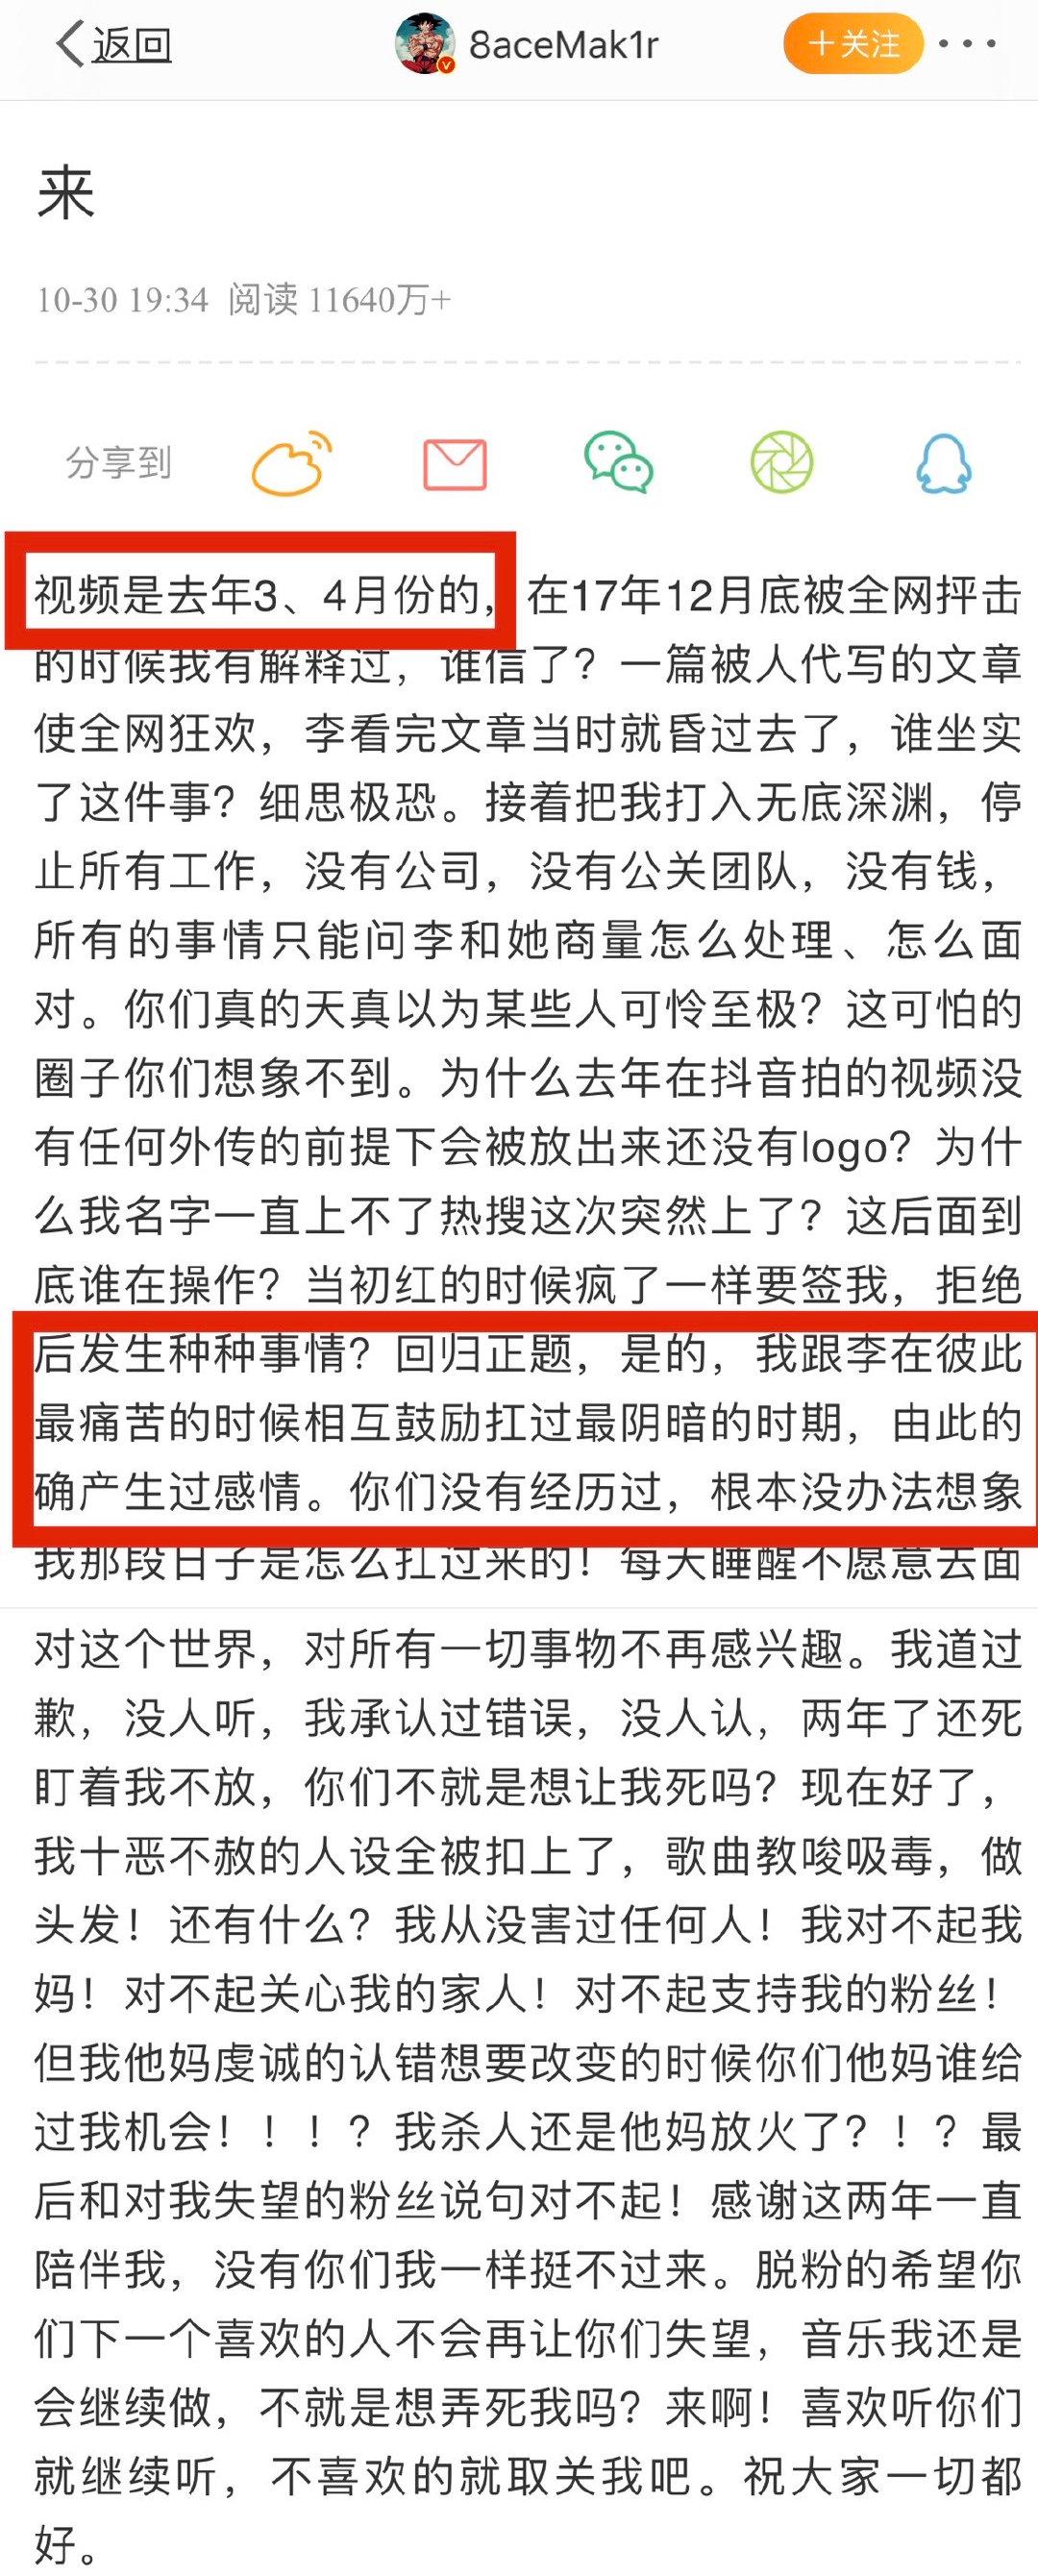 李小璐贾乃亮离婚声明全文 李小璐发长文回应说了什么网友炸了